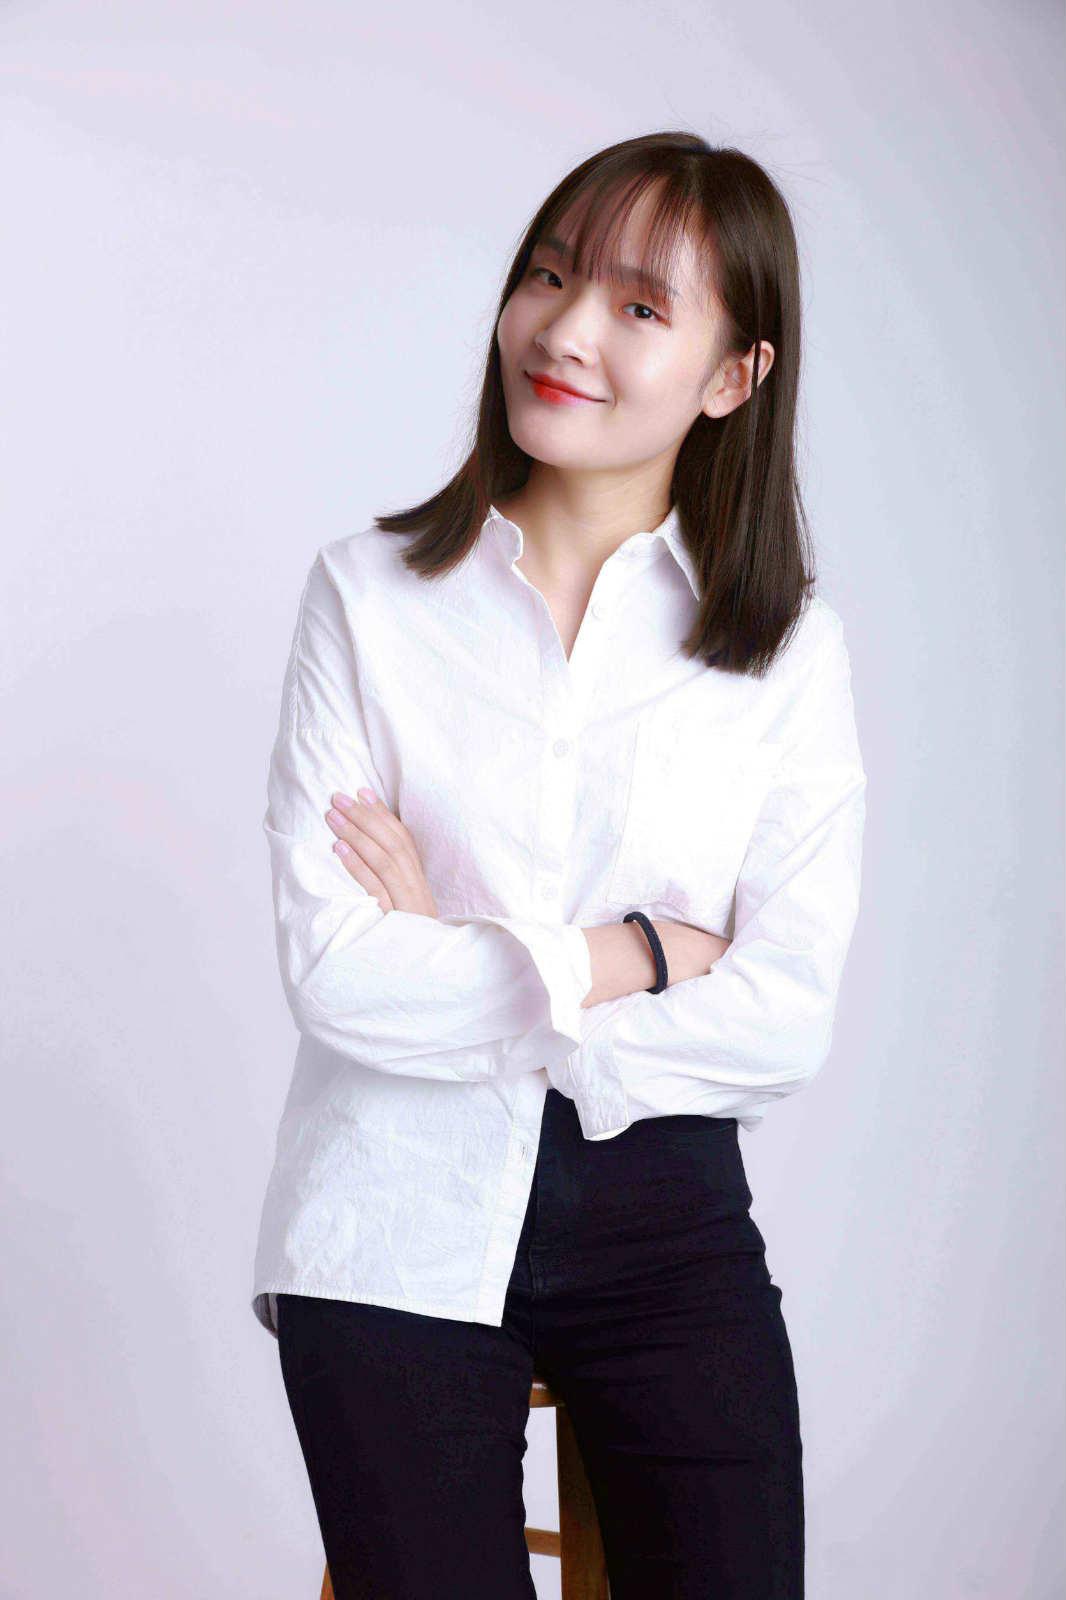 鄱阳装修设计师姜艳芳